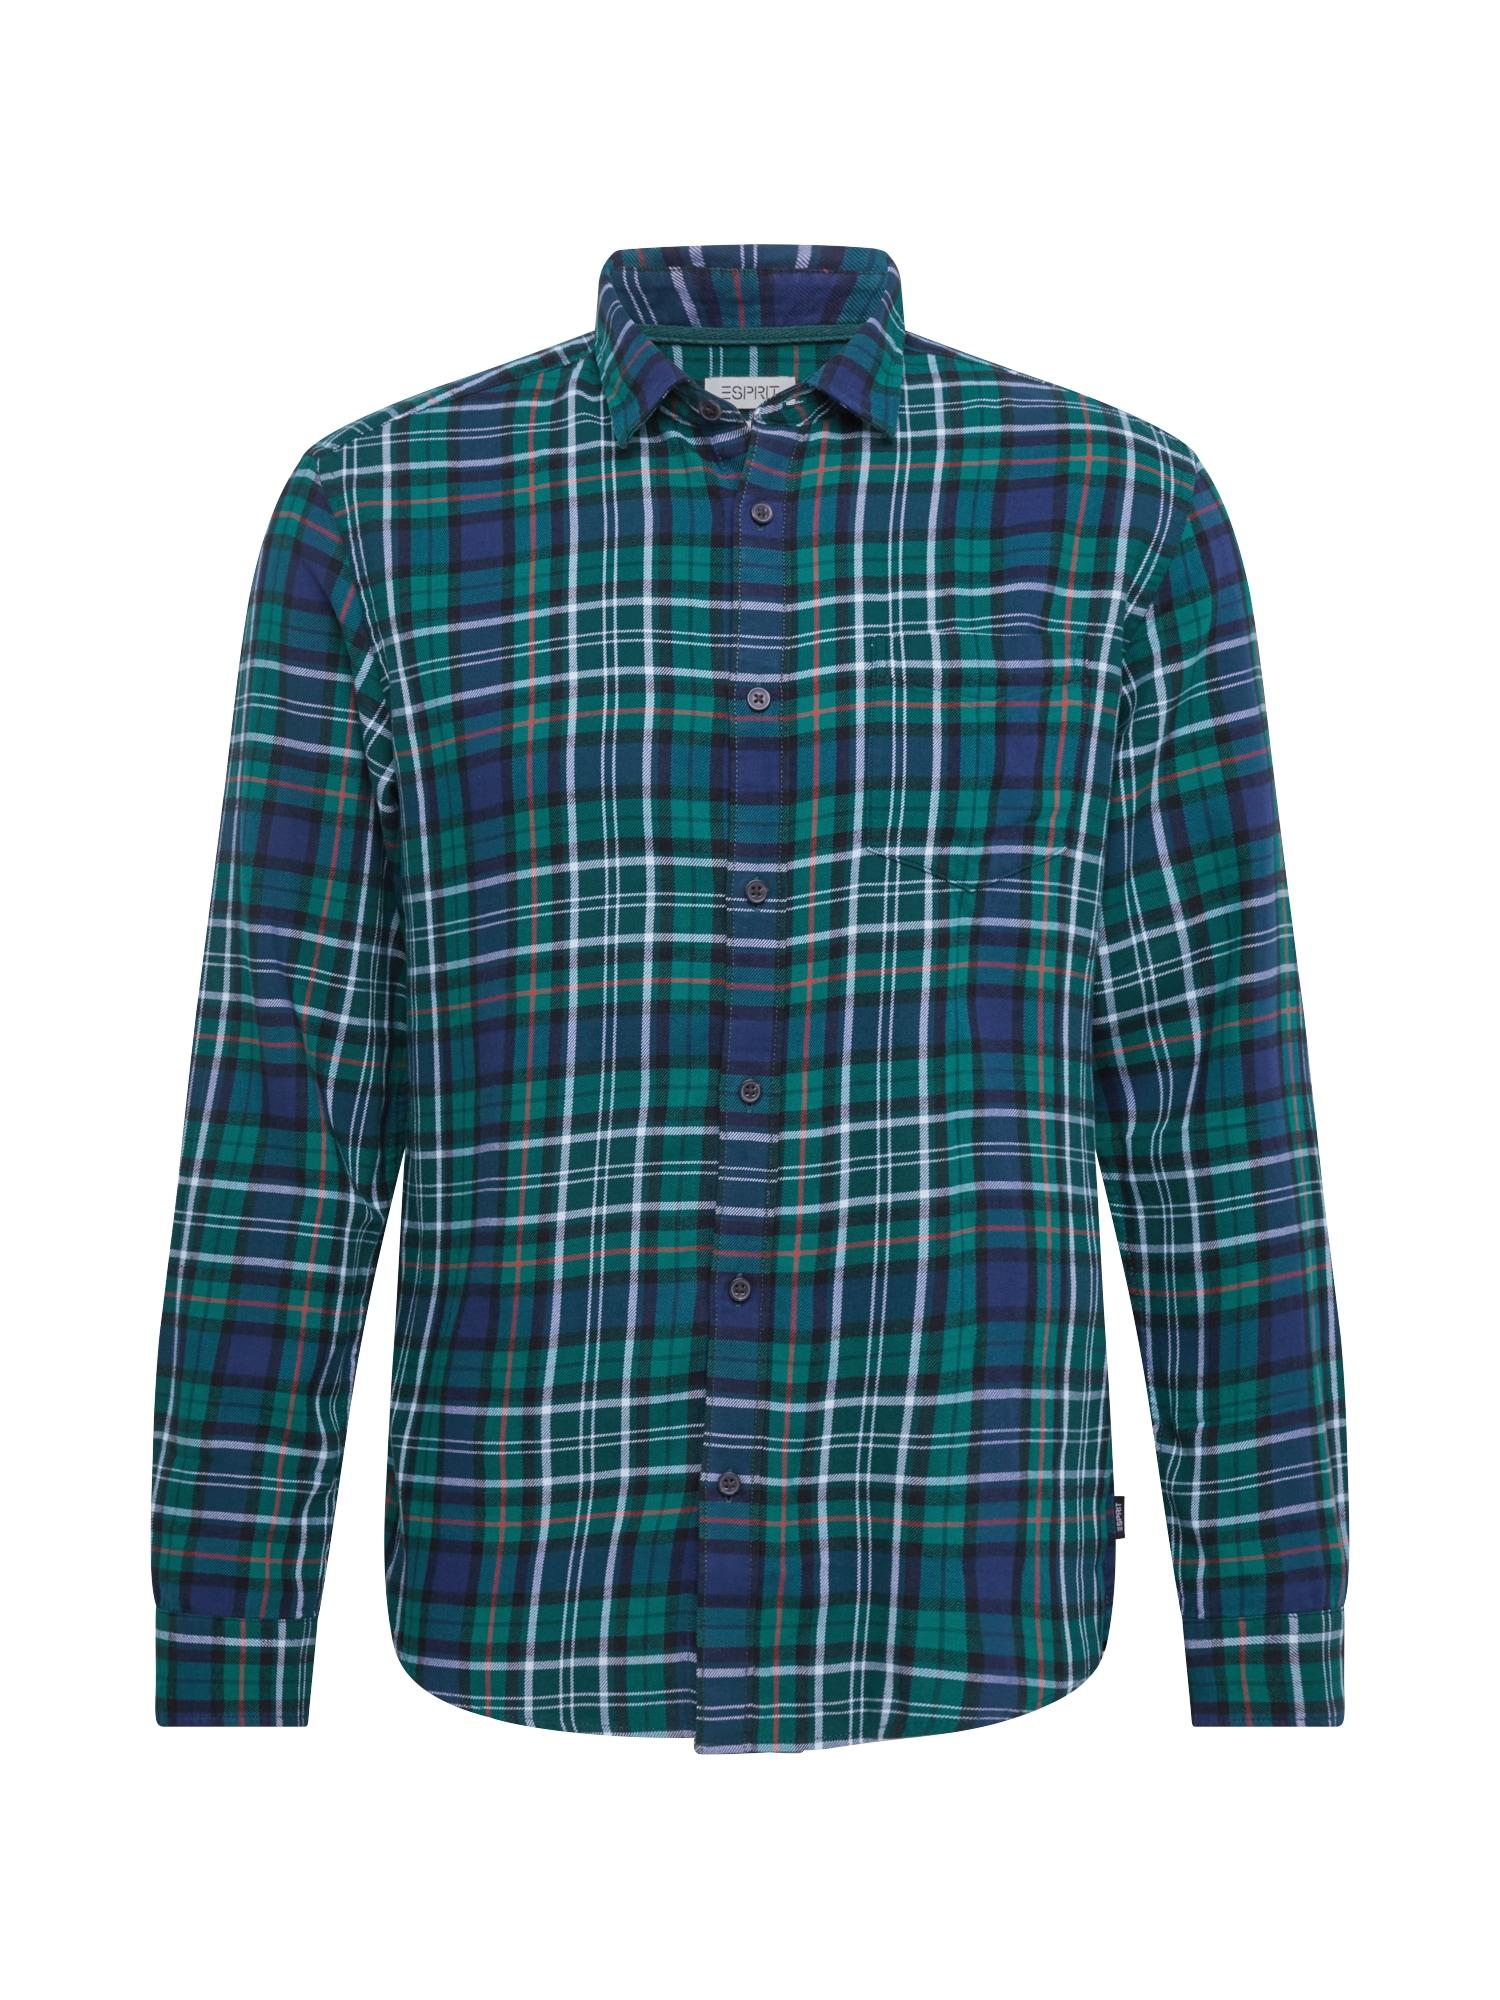 ESPRIT Marškiniai smaragdinė spalva / tamsiai mėlyna / balta / raudona